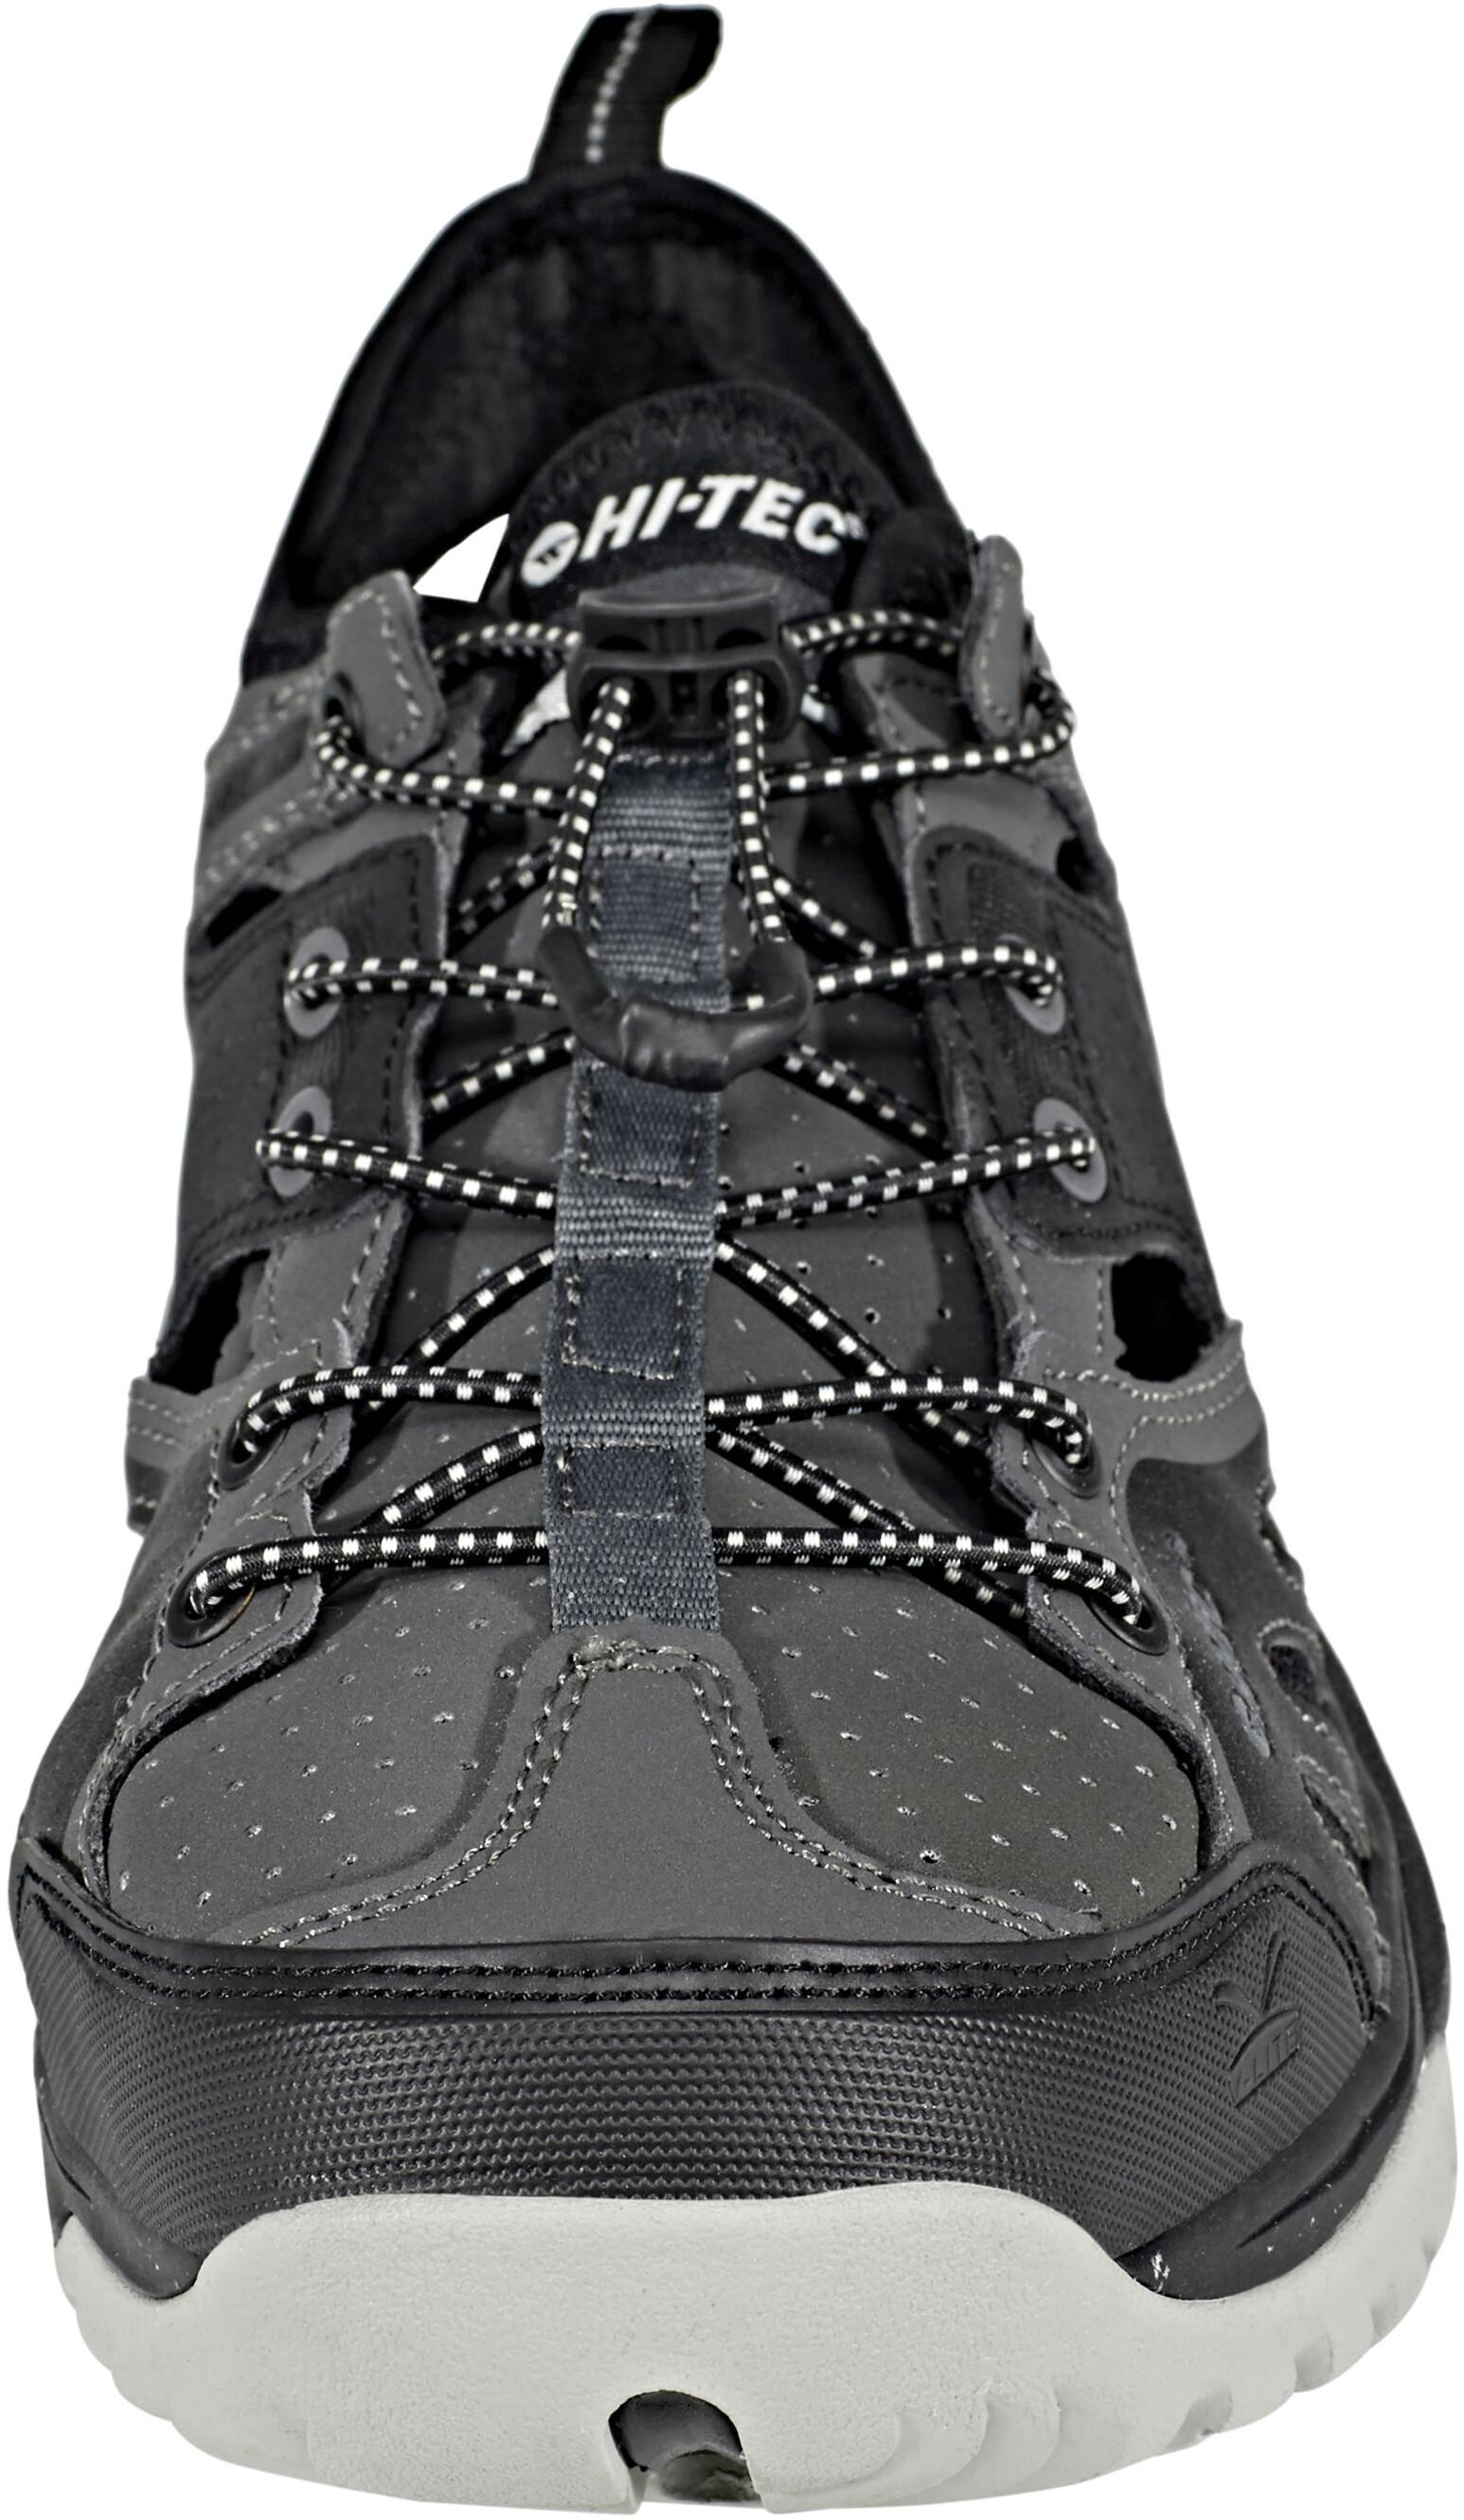 1f1e6ad1202a Hi-Tec V-Lite Wild-Life Cayman Sandals Men black charcoal